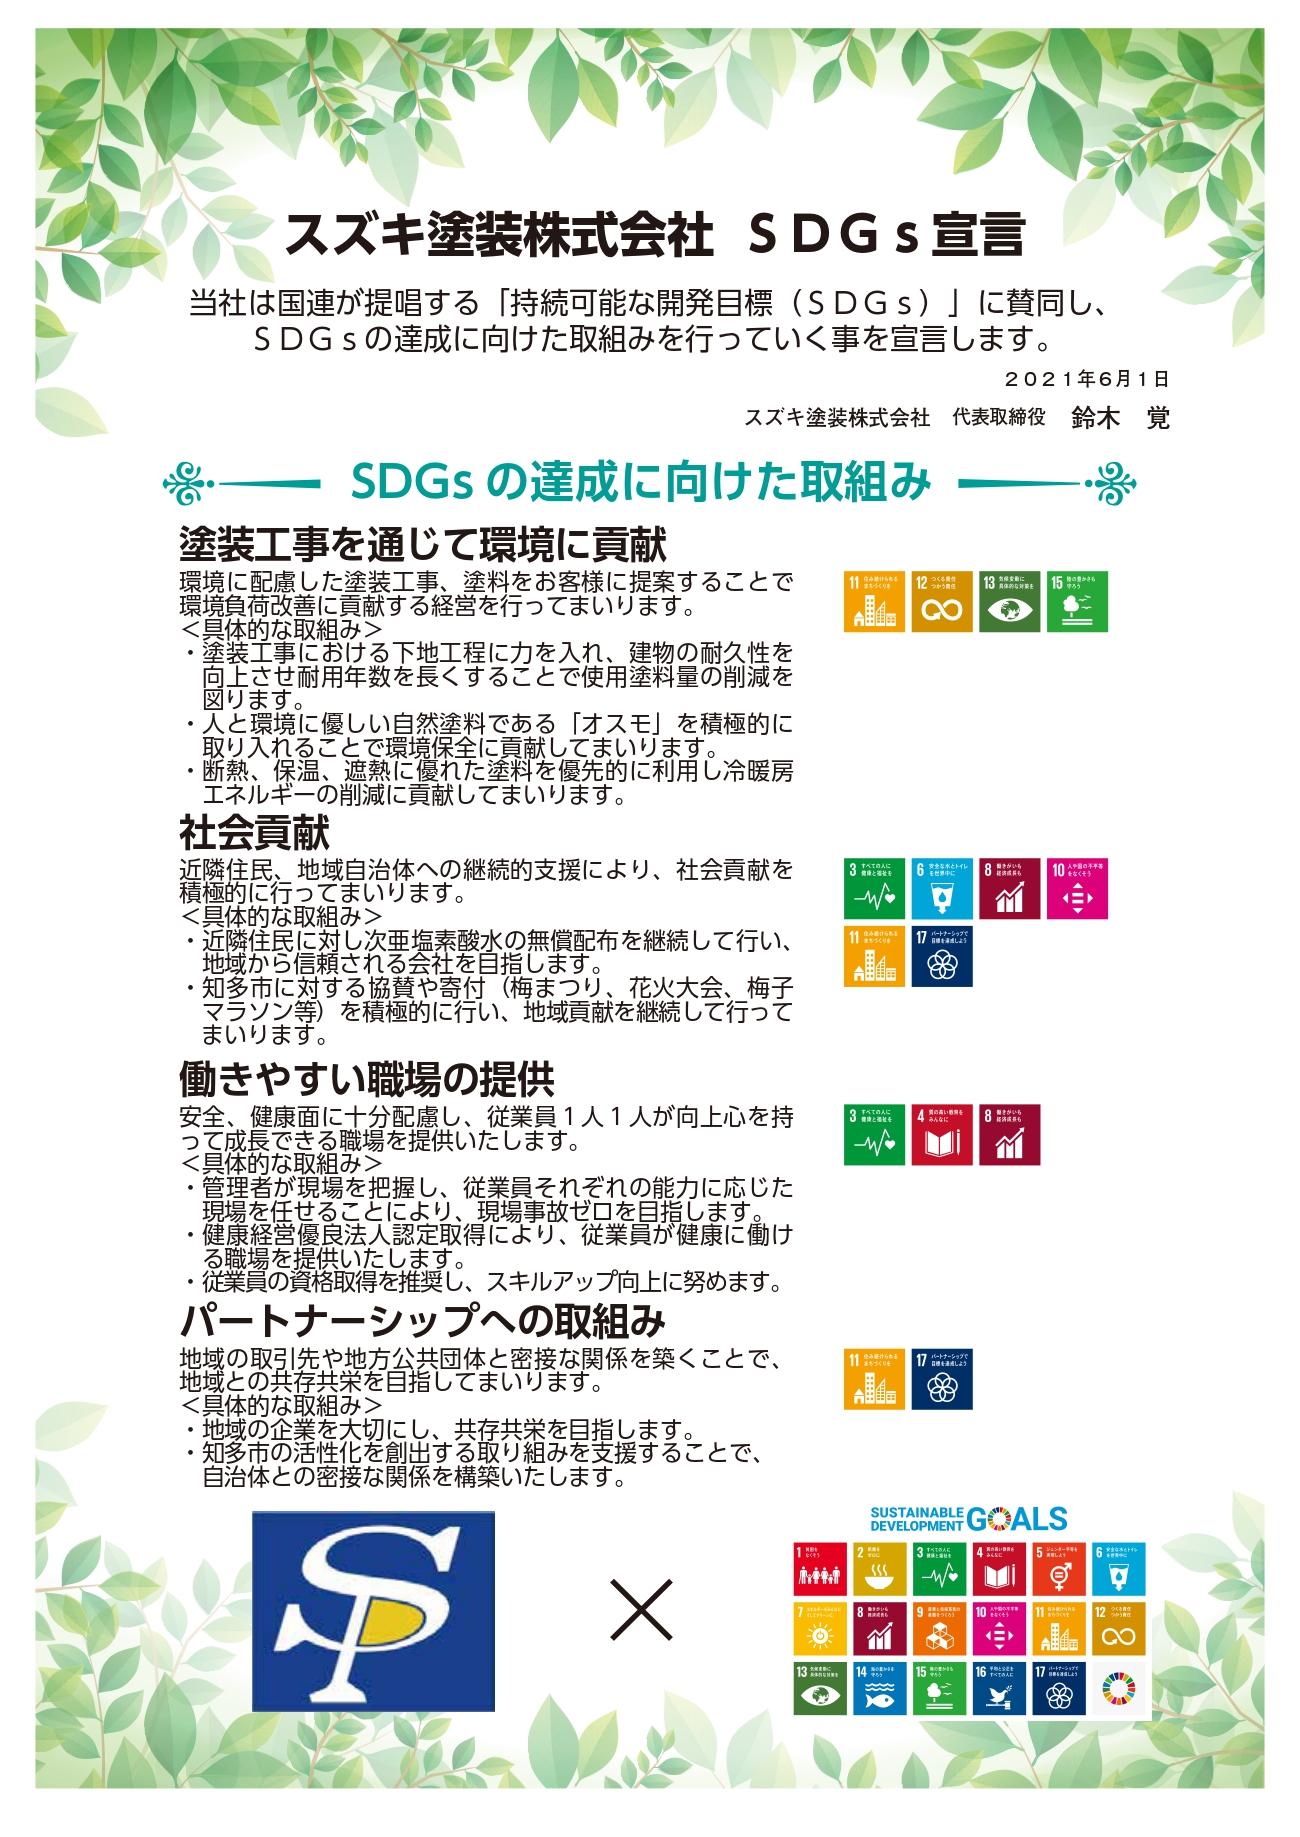 スズキ塗装株式会社 SDGs宣言